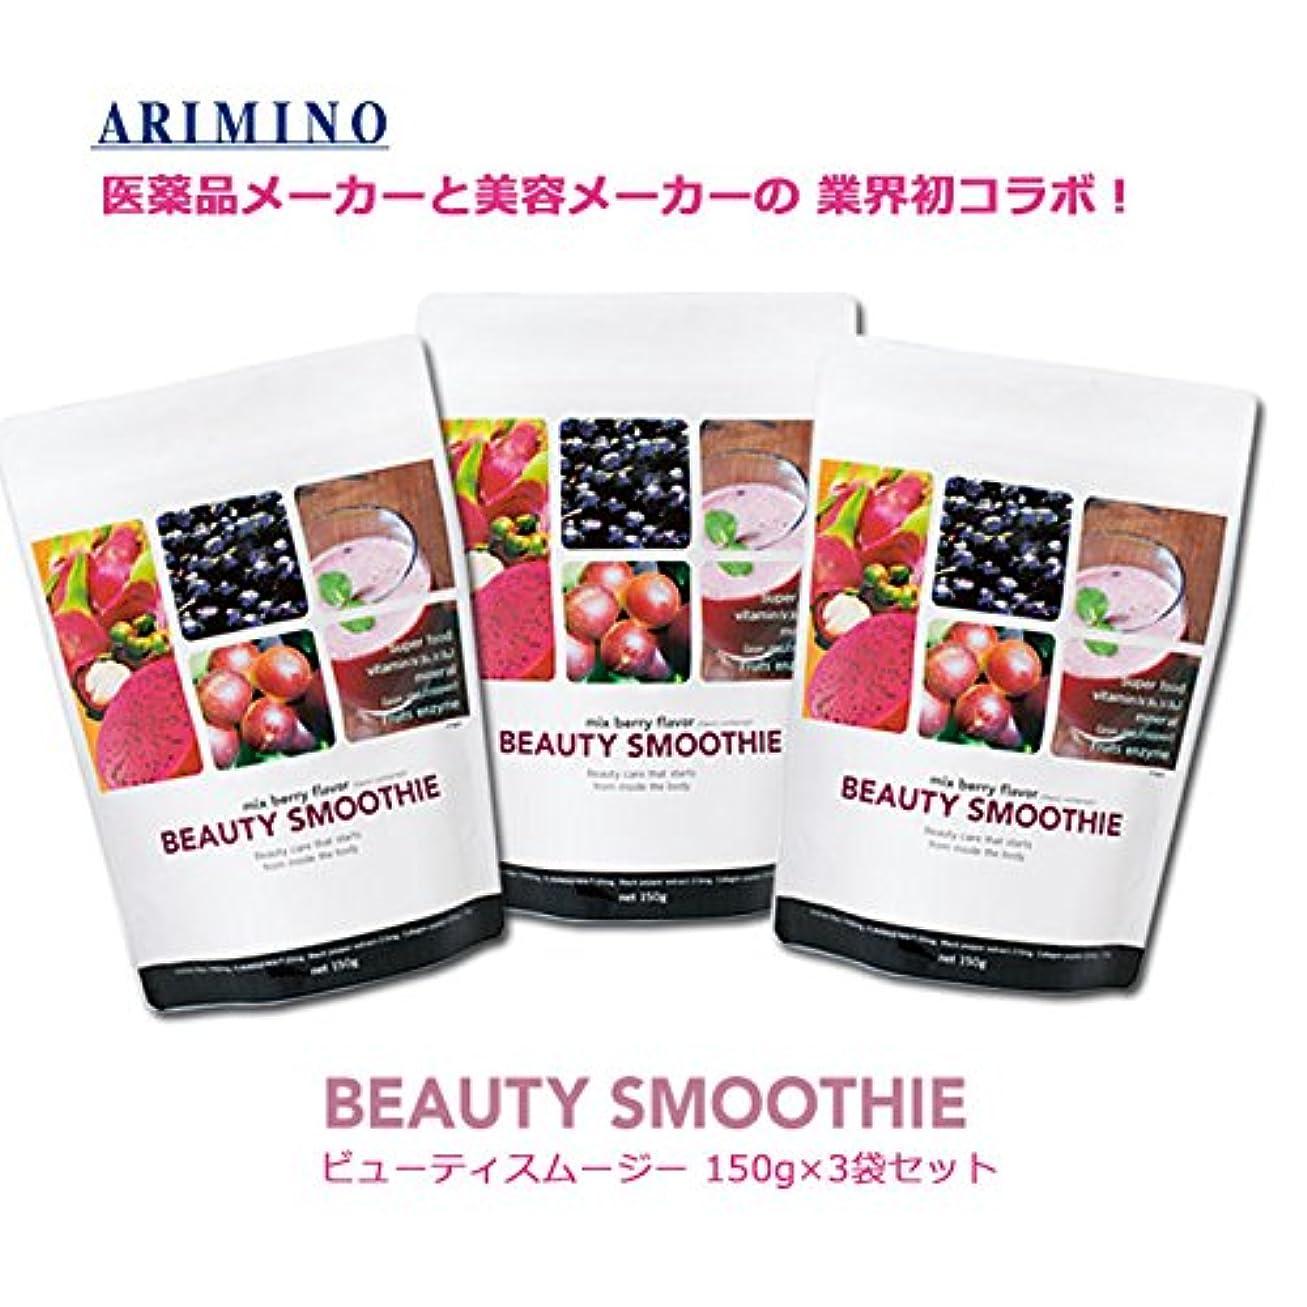 ホイール危険リフト【3個セット】 ARIMINO BEAUTY SMOOTHIE アリミノ ビューティスムージー 150g